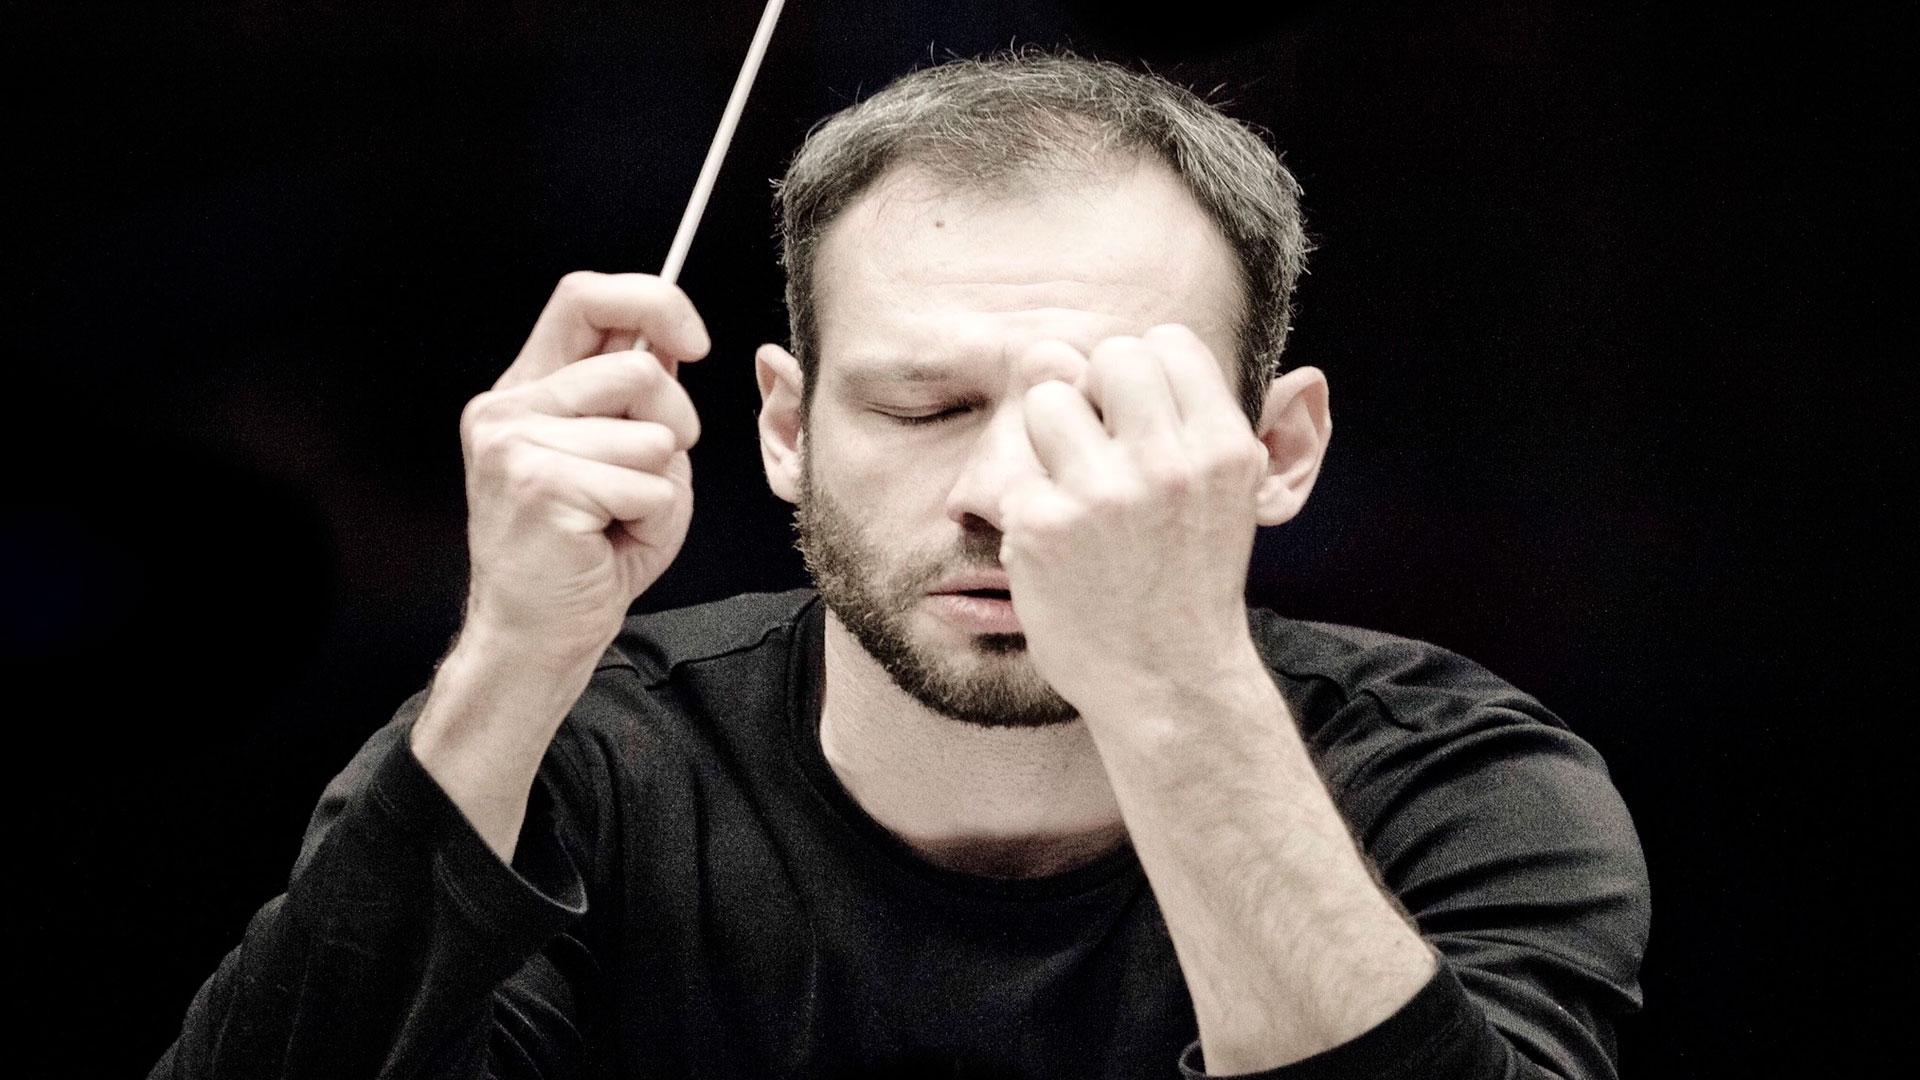 De la música gallega a la rusa, el nuevo titular de la OSG Dima Slobodeniouk aborda un amplio repertorio con obras de Vázquez, Falla, Ravel, Wagner, Prokófiev y Rachmáninov en los dos primeros programas de abono de 2014